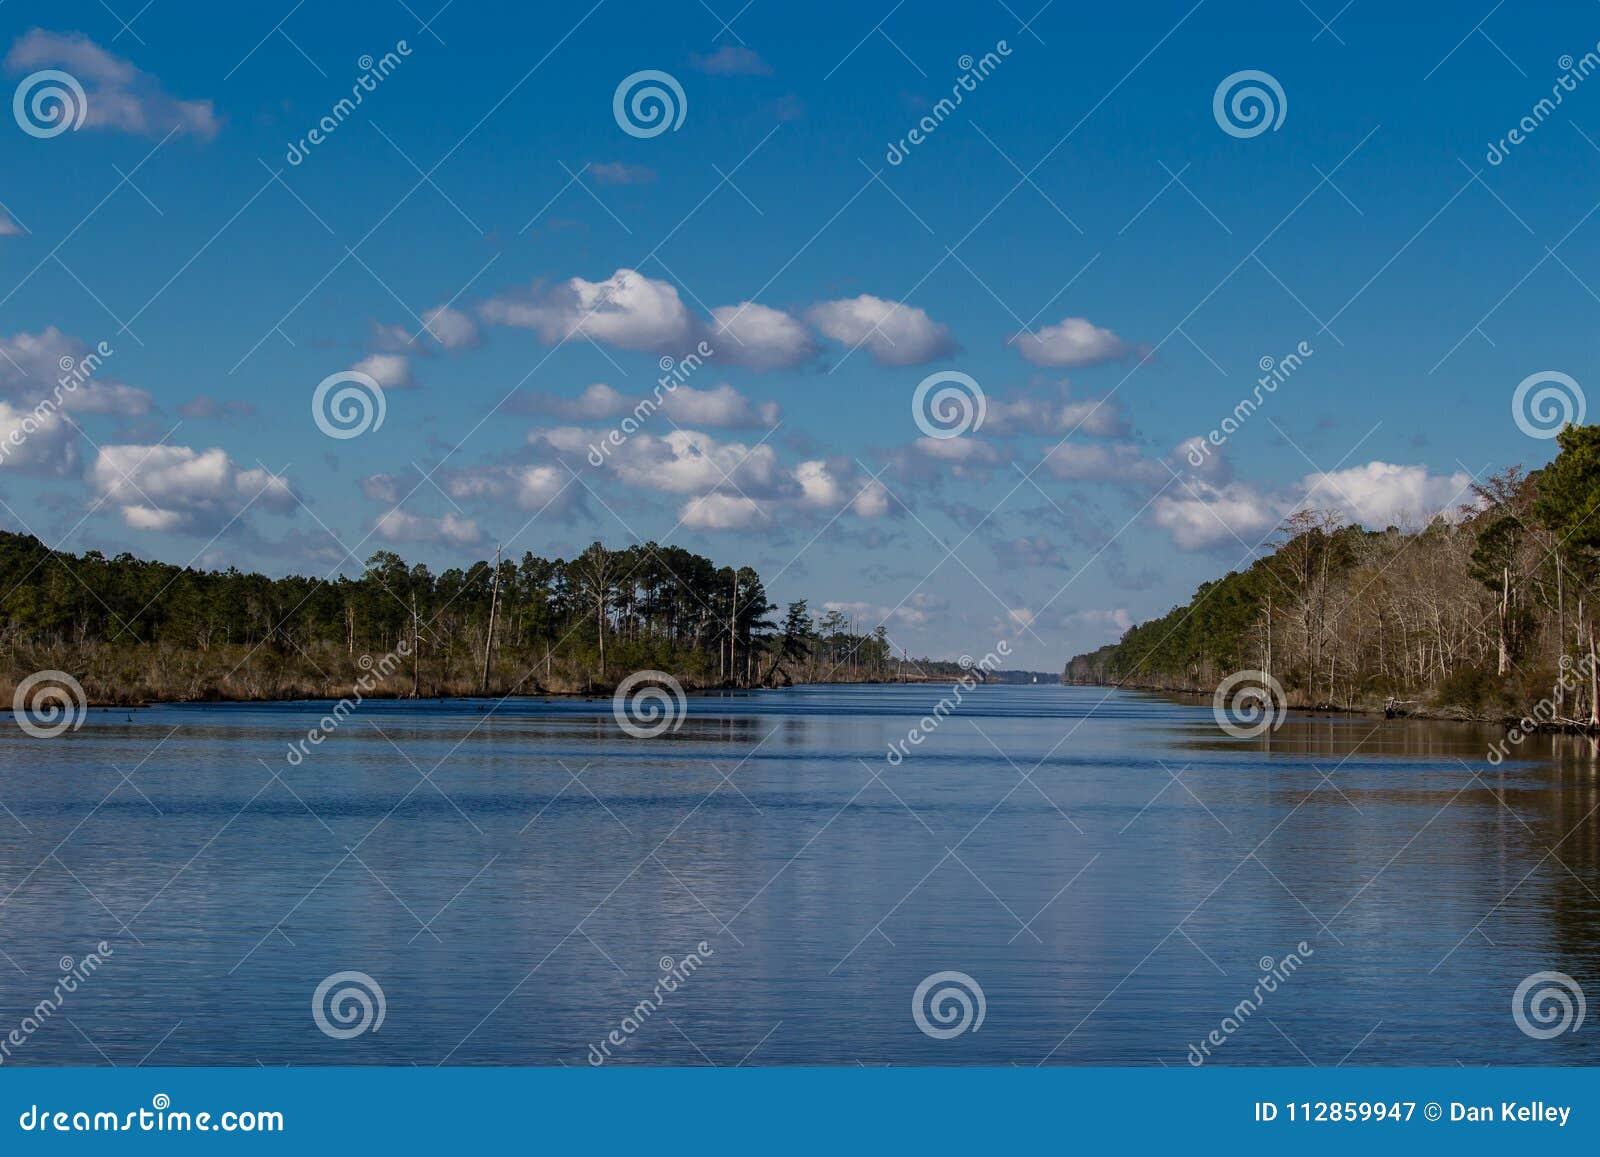 Carolina Intercoastal Waterway norte alinhada com árvores